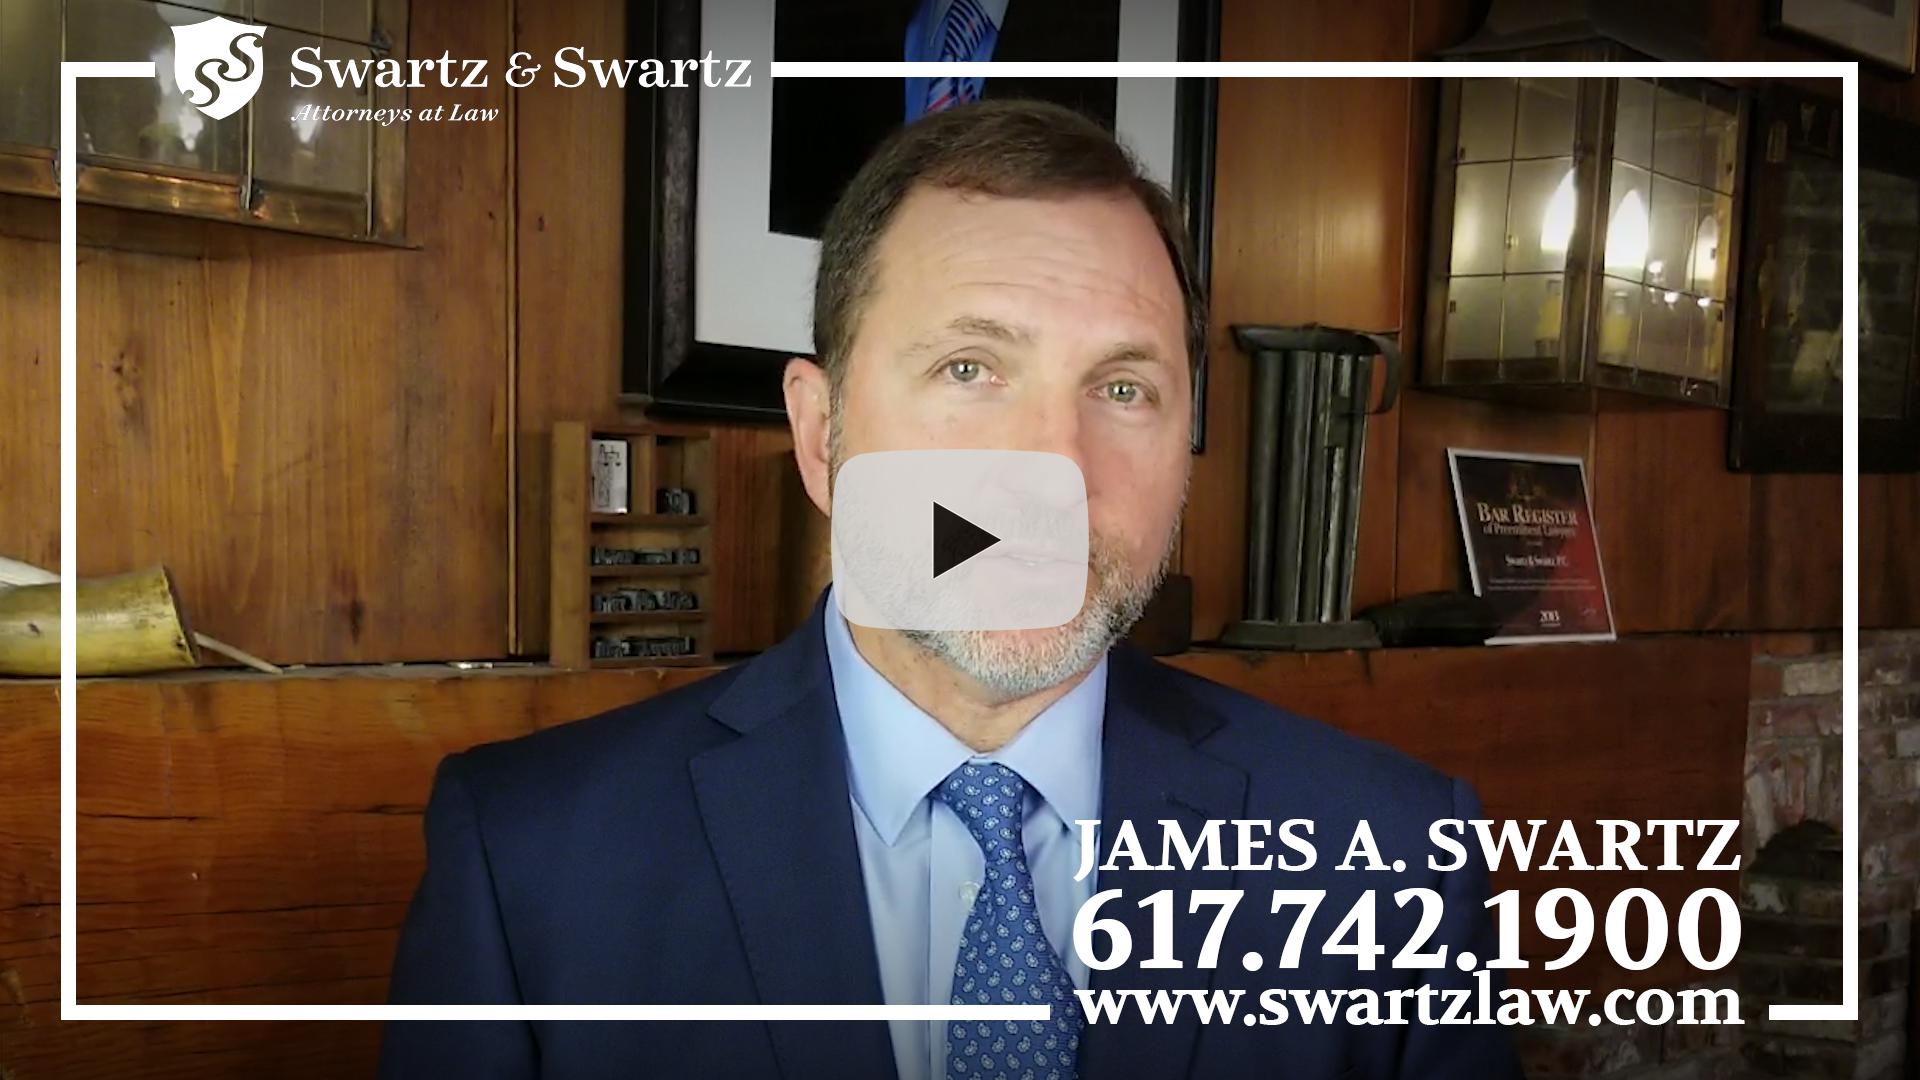 James Swartz Discusses Recent Merrimack Valley Updates